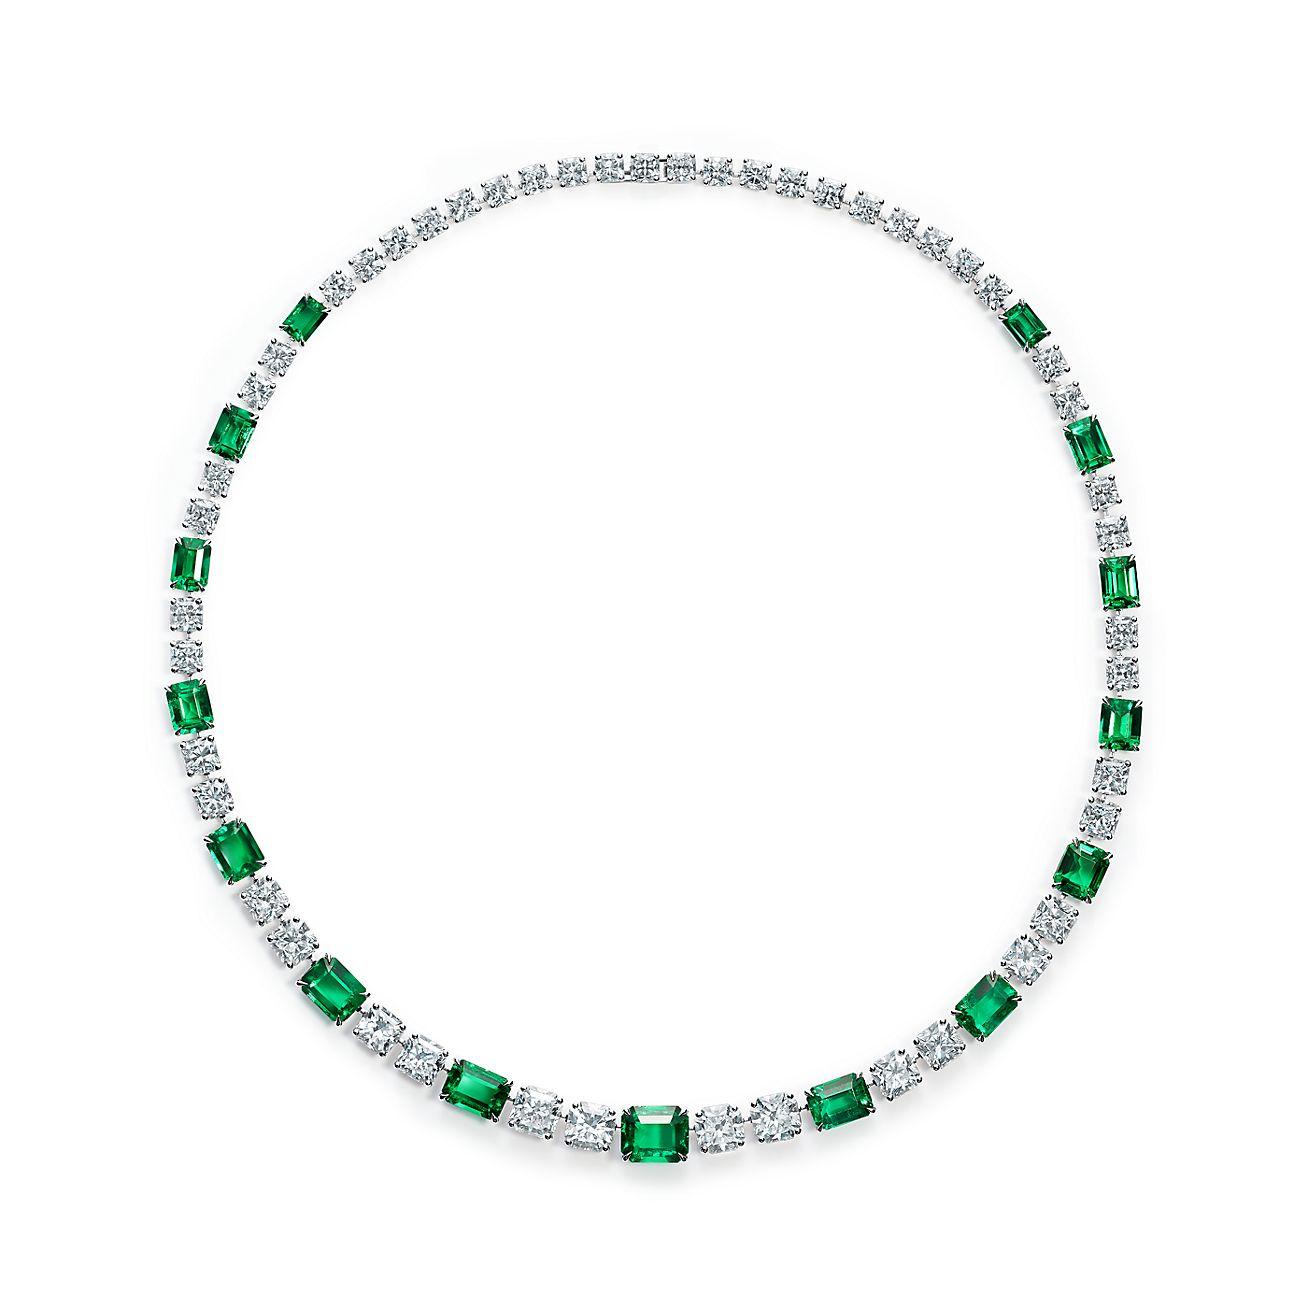 Favorito Collana in platino con smeraldi e diamanti. | Tiffany & Co. LT77